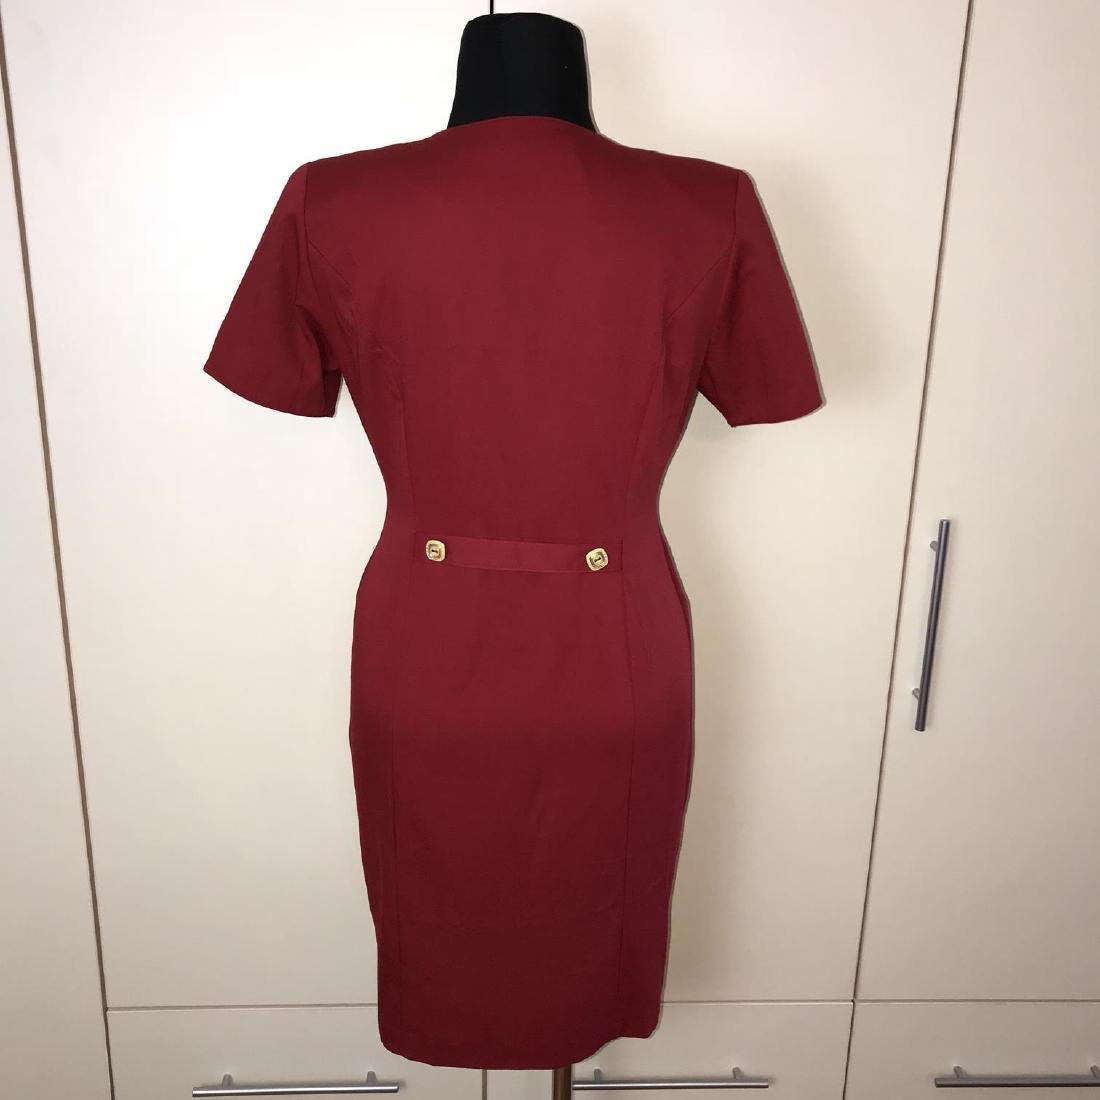 Vintage Women's French Designer Dress Size US 10 EUR 40 - 5